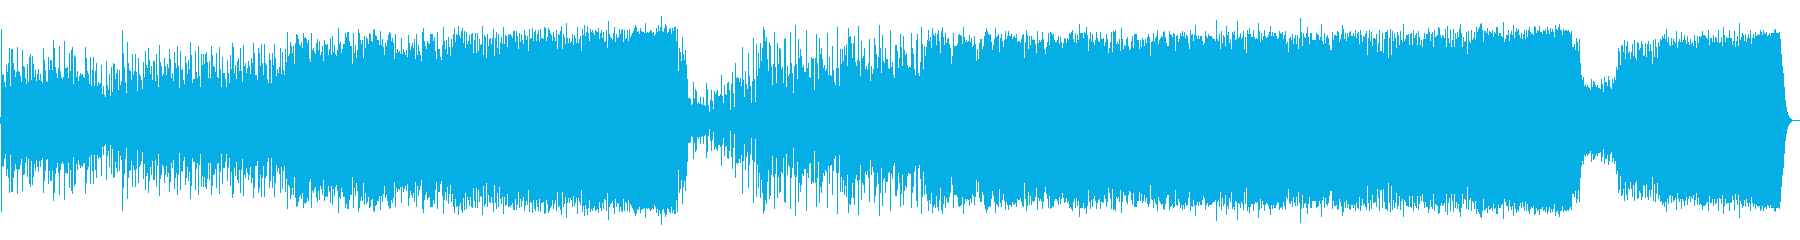 弦楽器がメインのポップ・ロックの再生済みの波形